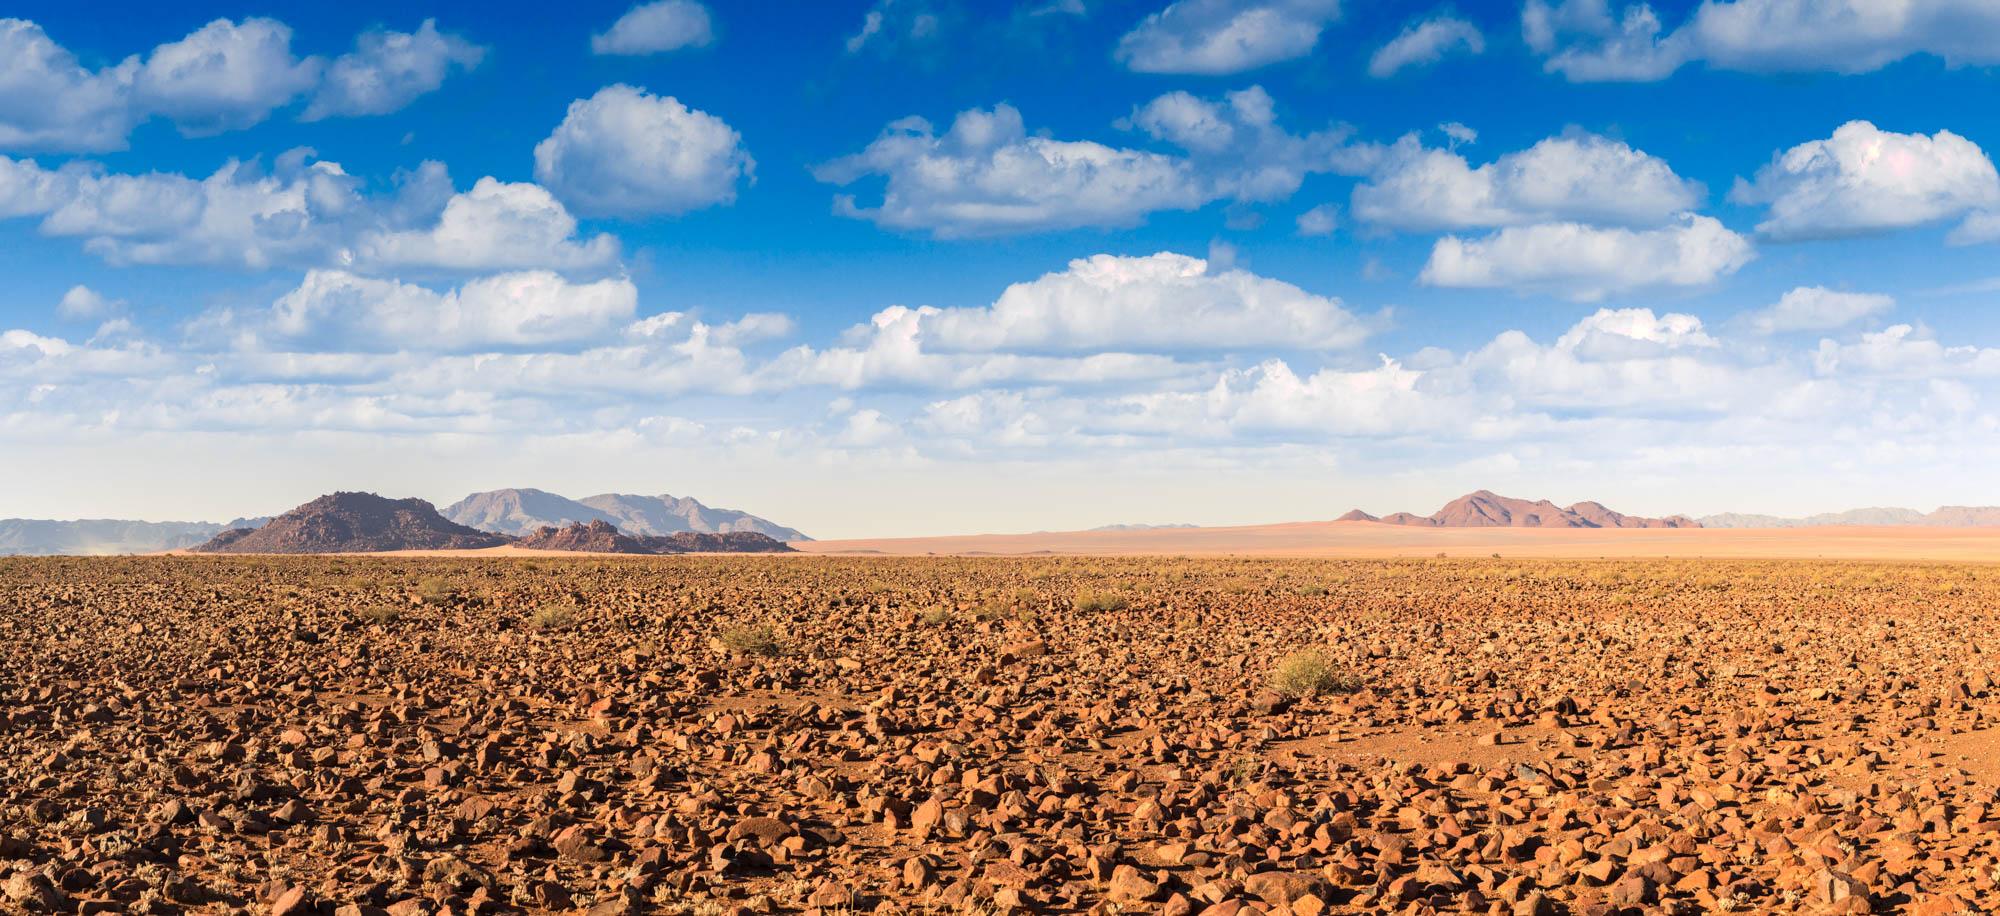 Namibia Plains I